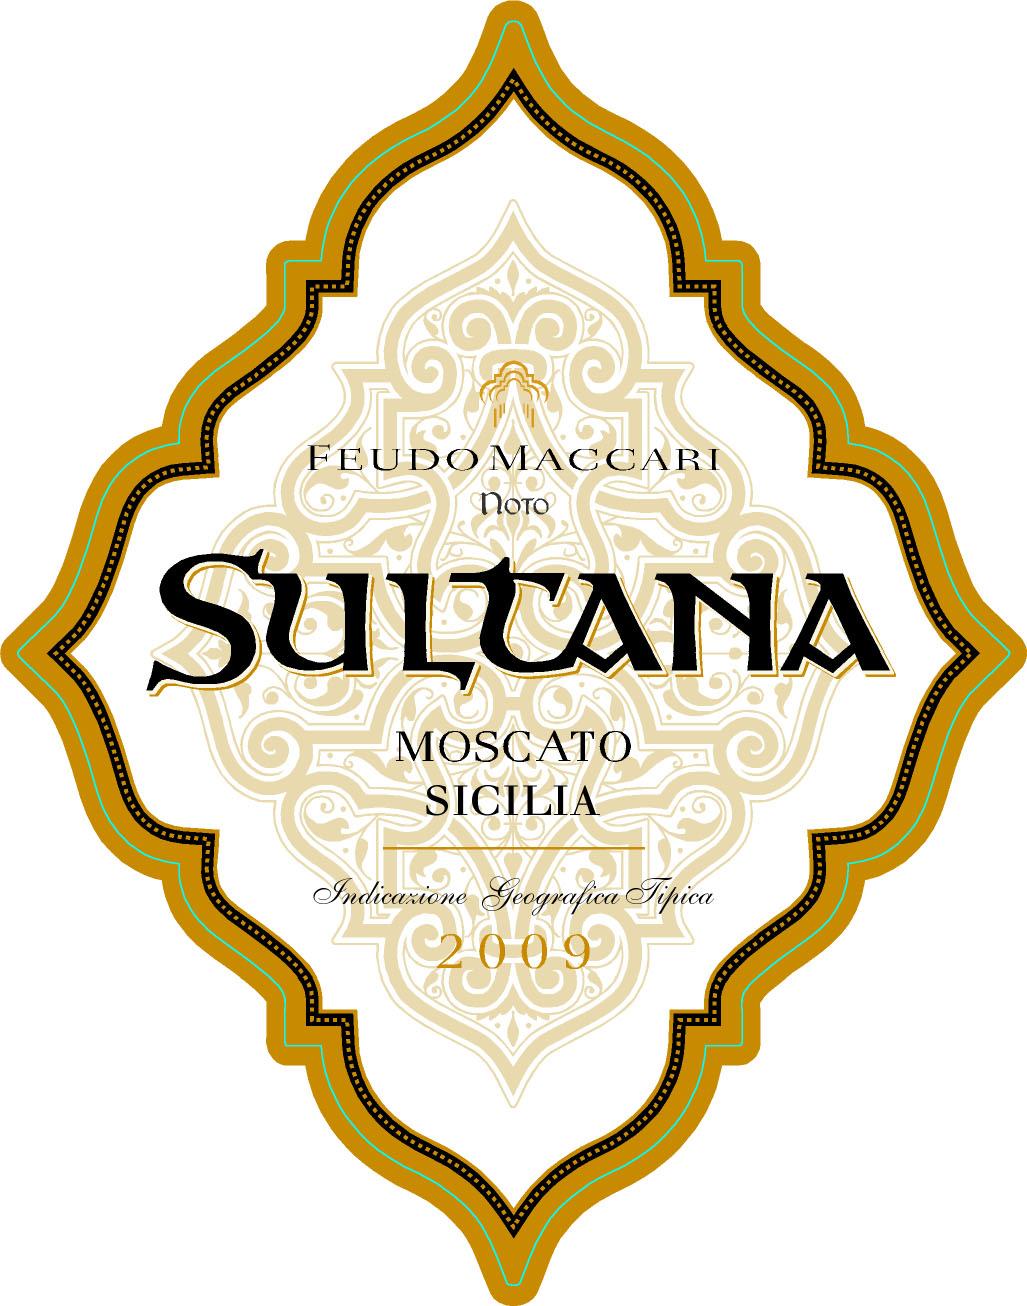 马卡尼苏塔娜干白Feudo Maccari Sultana Moscato Sicilia